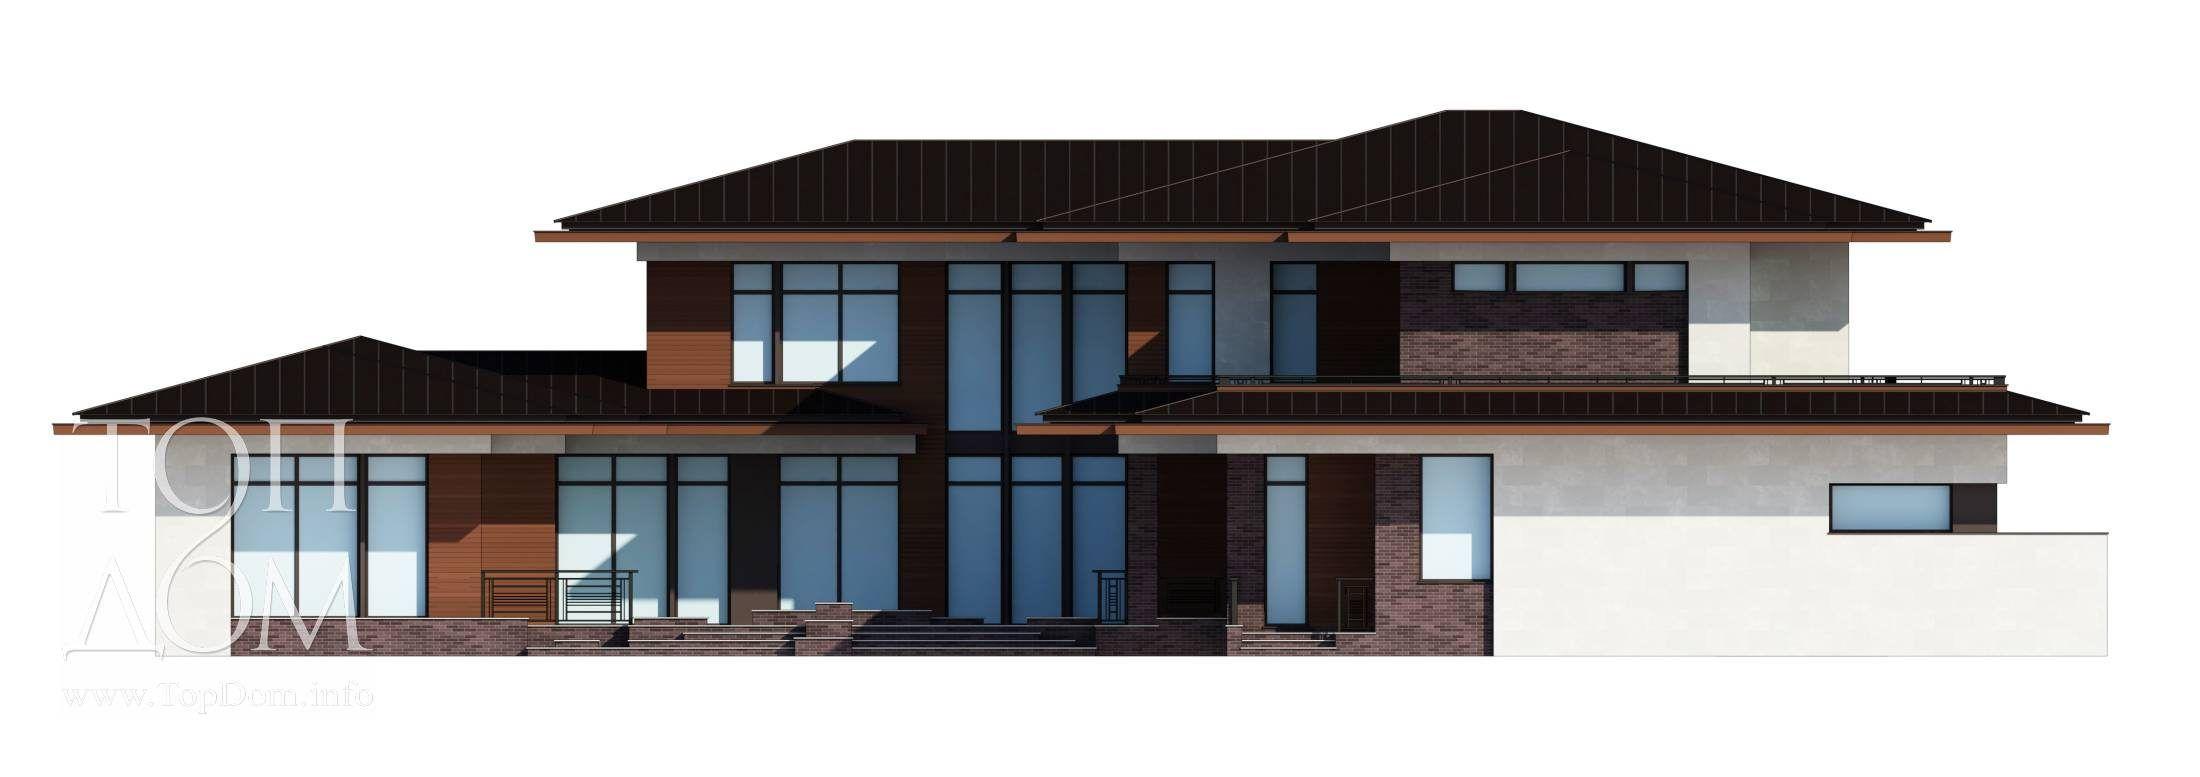 Архитектурный проект разноуровневого дома с видео и фото ...